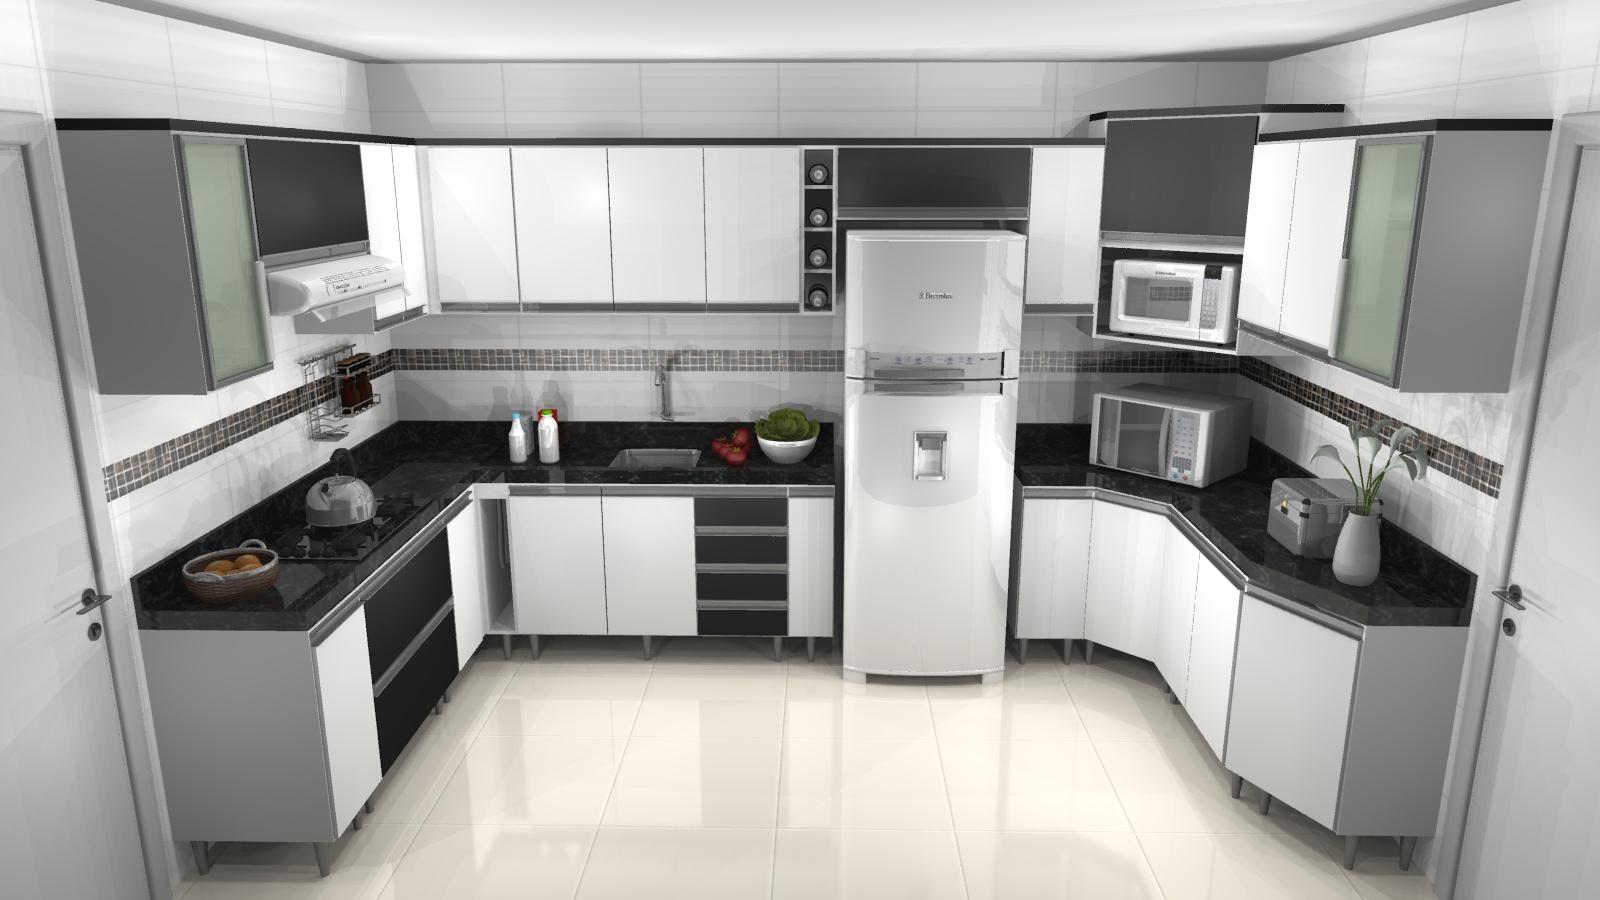 #5F4940 Cozinhas planejadas: Armários de cozinha Modelos lindos 1600x900 px Projeto De Armario Embutido Para Cozinha_4459 Imagens